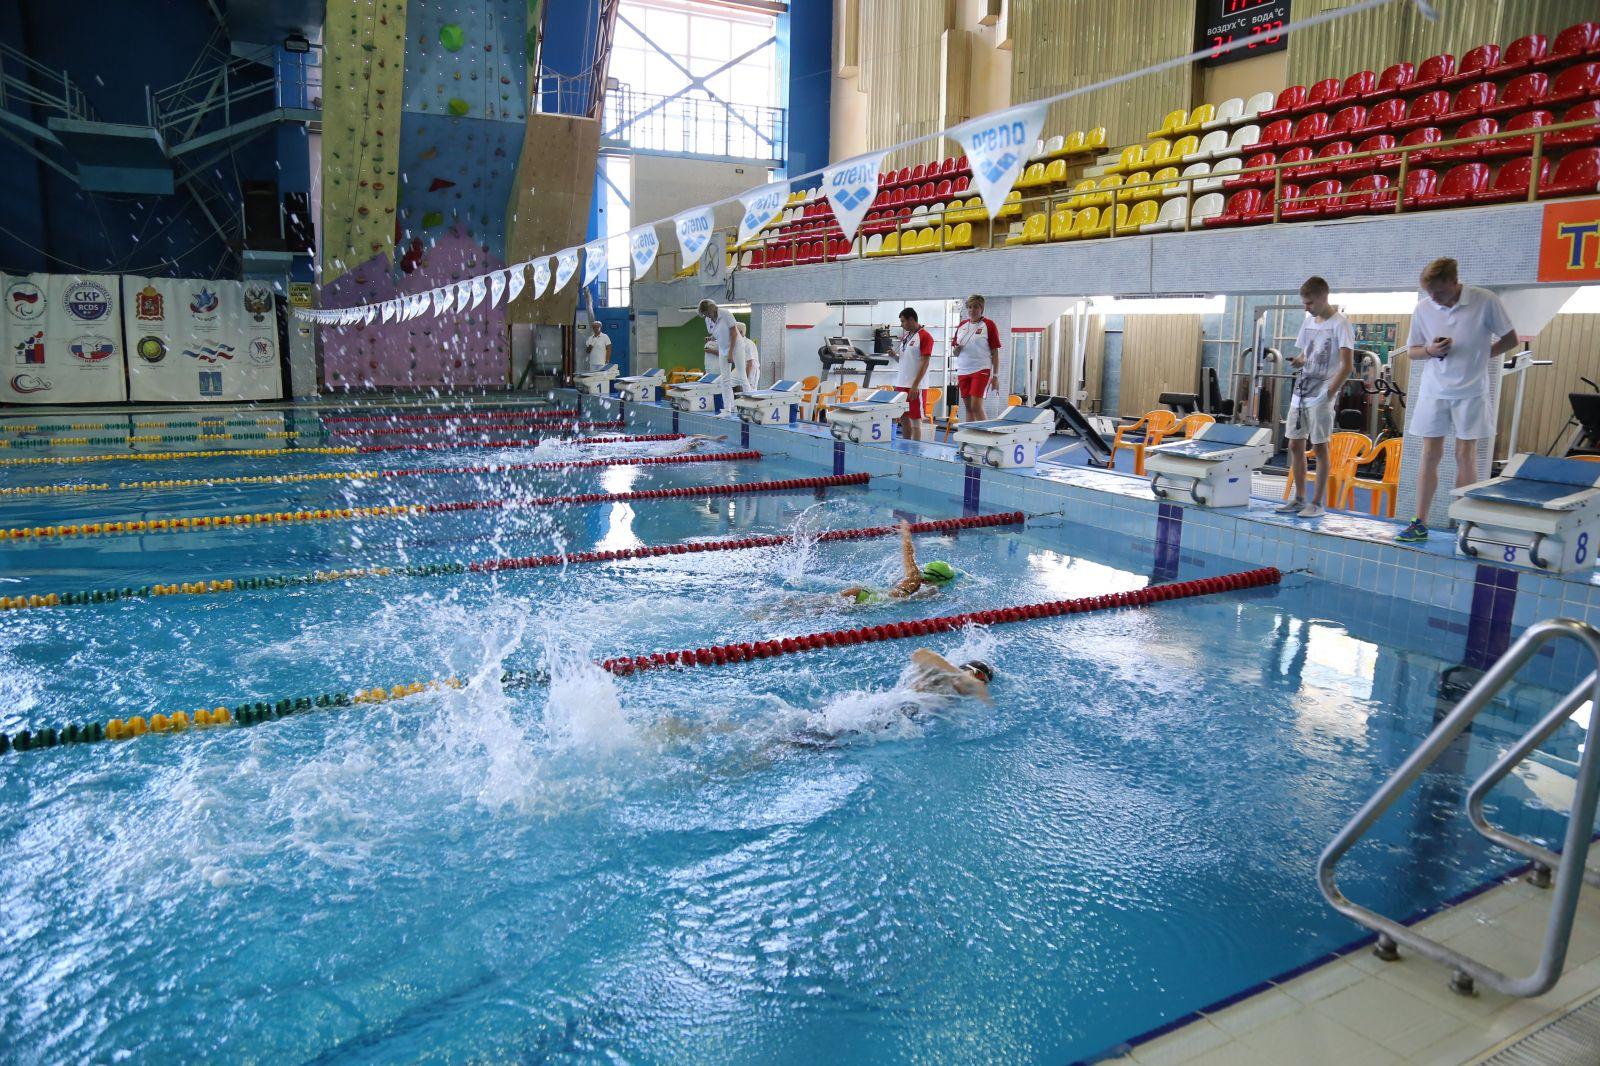 Столичные спортсмены завоевали наибольшее количество медалей на финальном этапе Кубка России по плаванию спорта лиц с ПОДА в Московской области